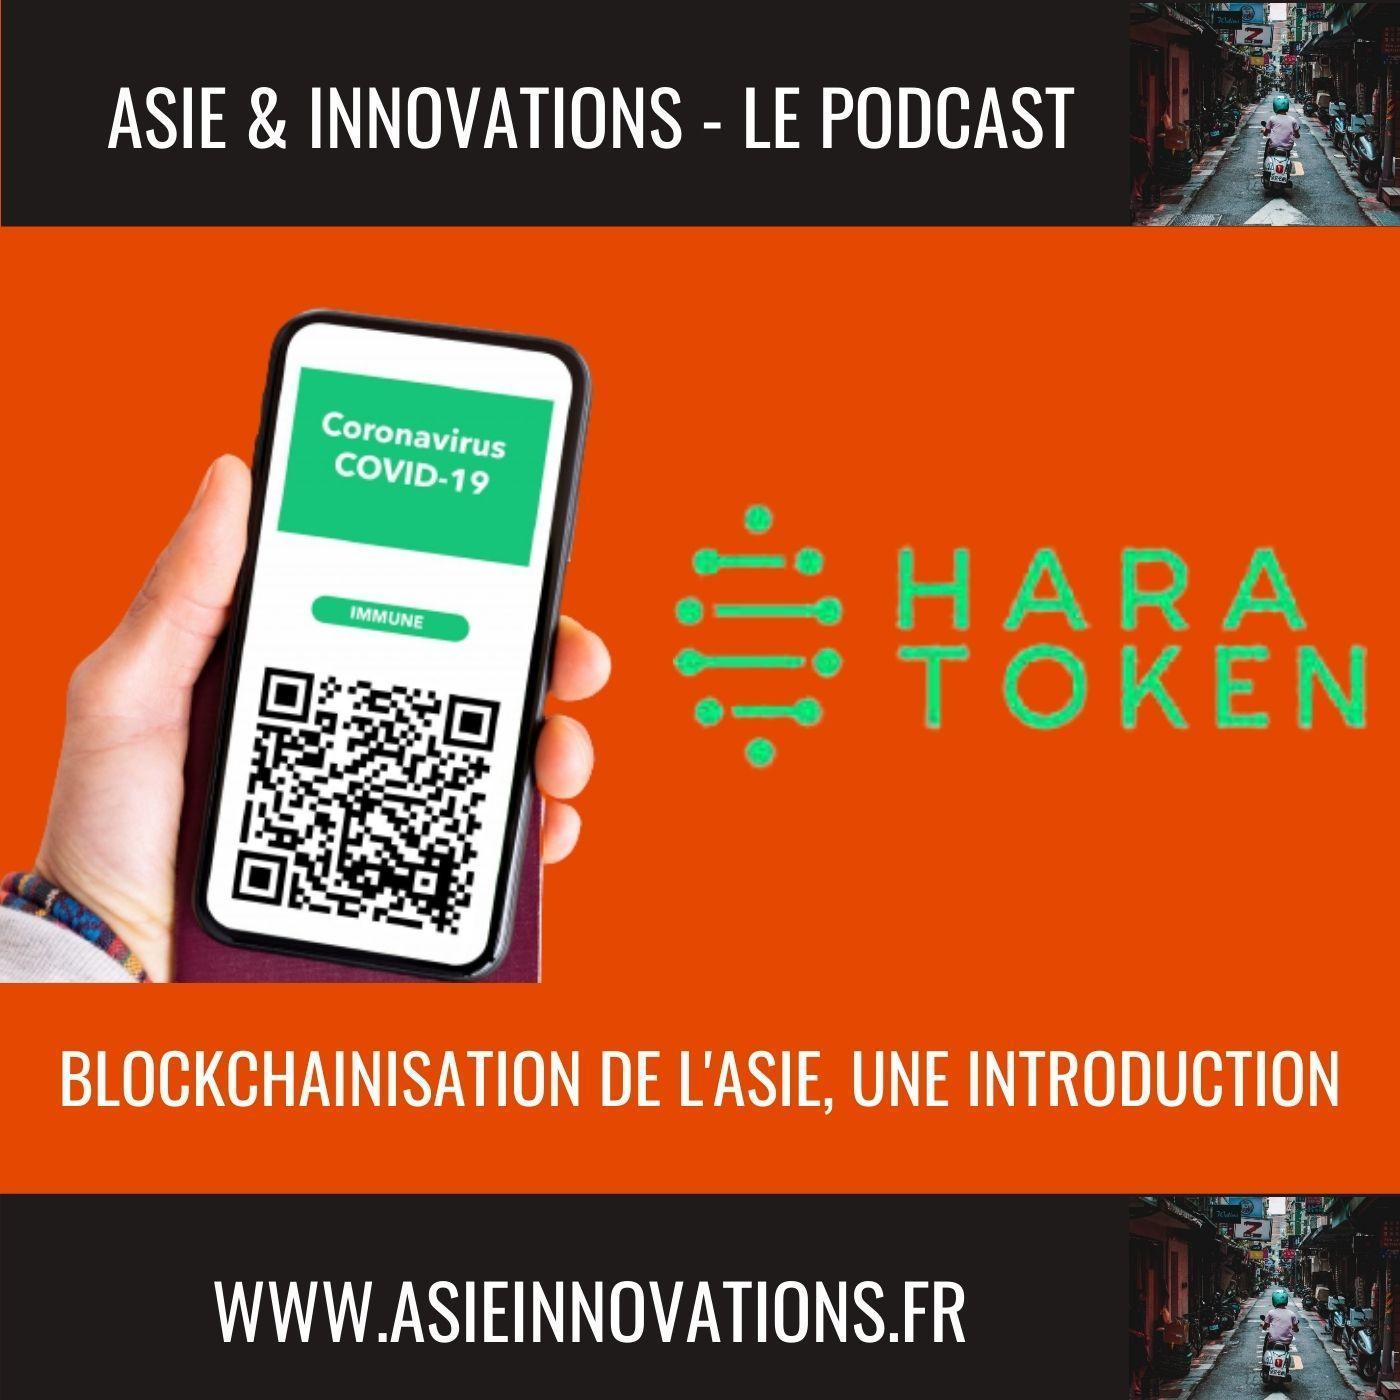 Blockchainisation de l'Asie, une introduction